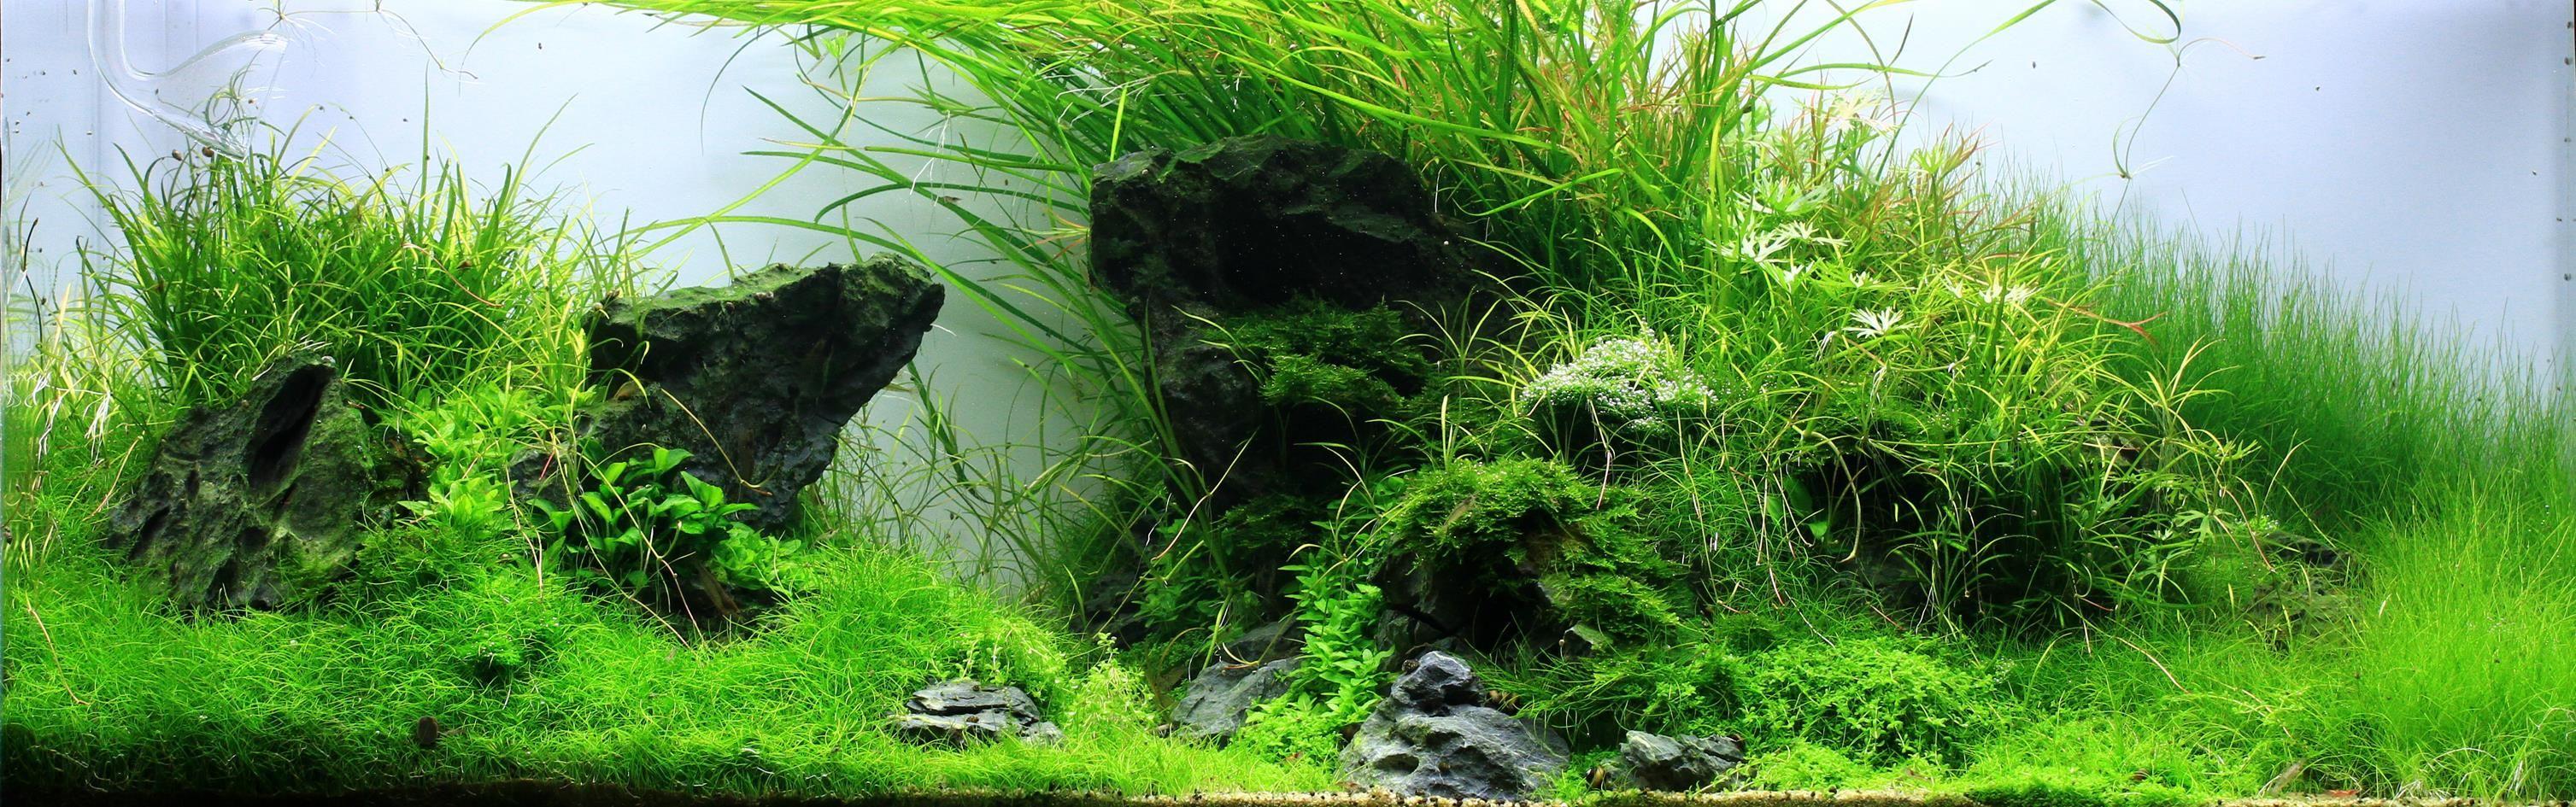 All about Aquascaping | Aquasabi Online Shop